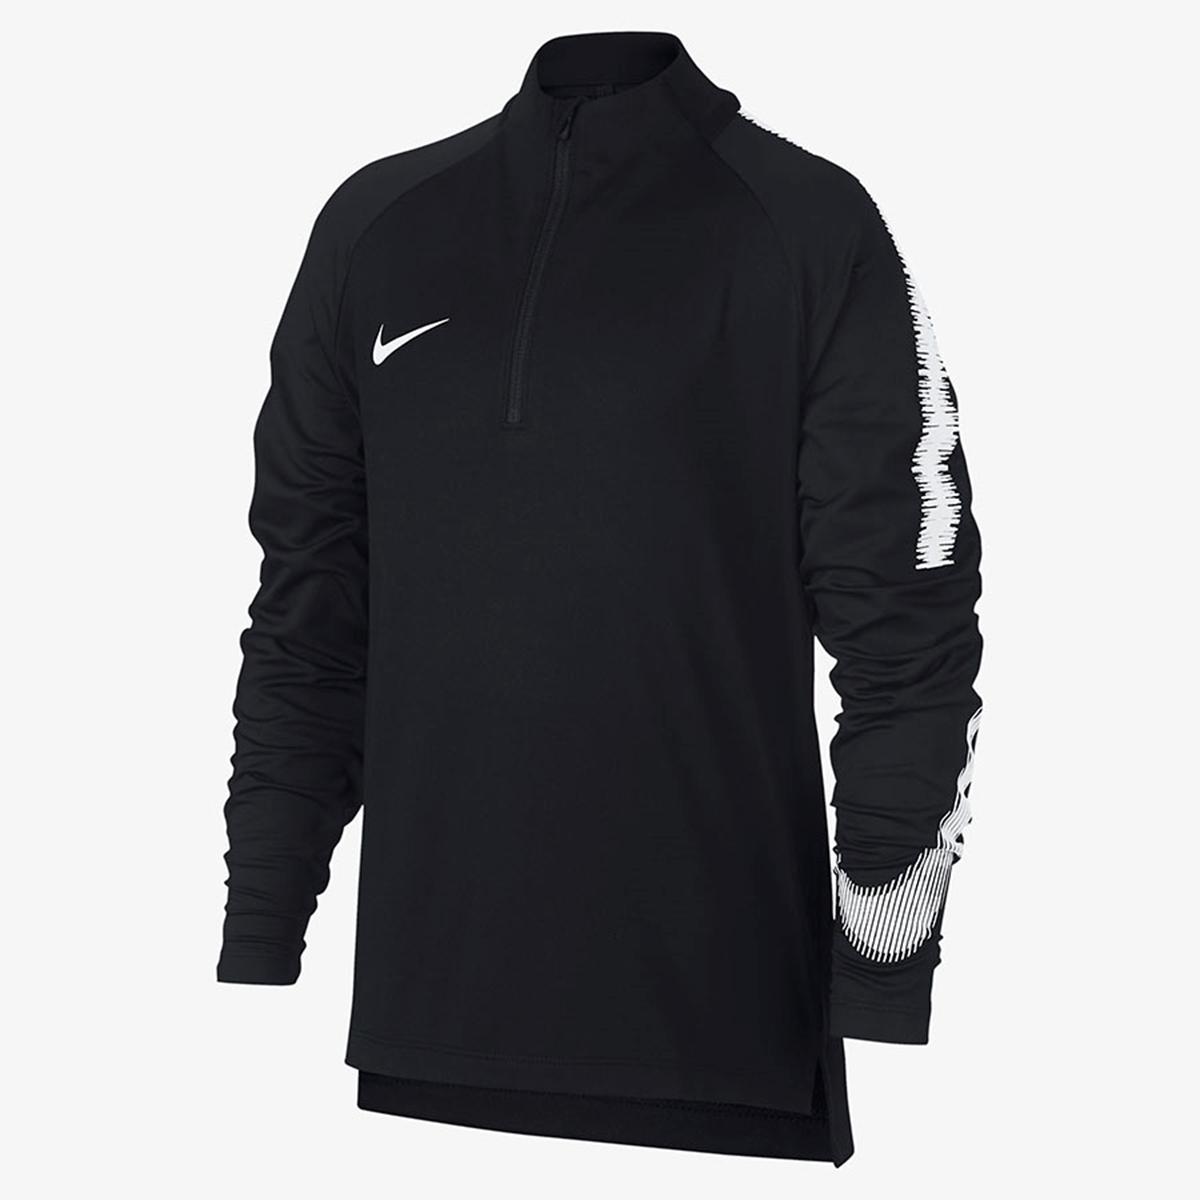 Bilde av Nike  B NK DRY SQD DRIL TOP 18 916125-012